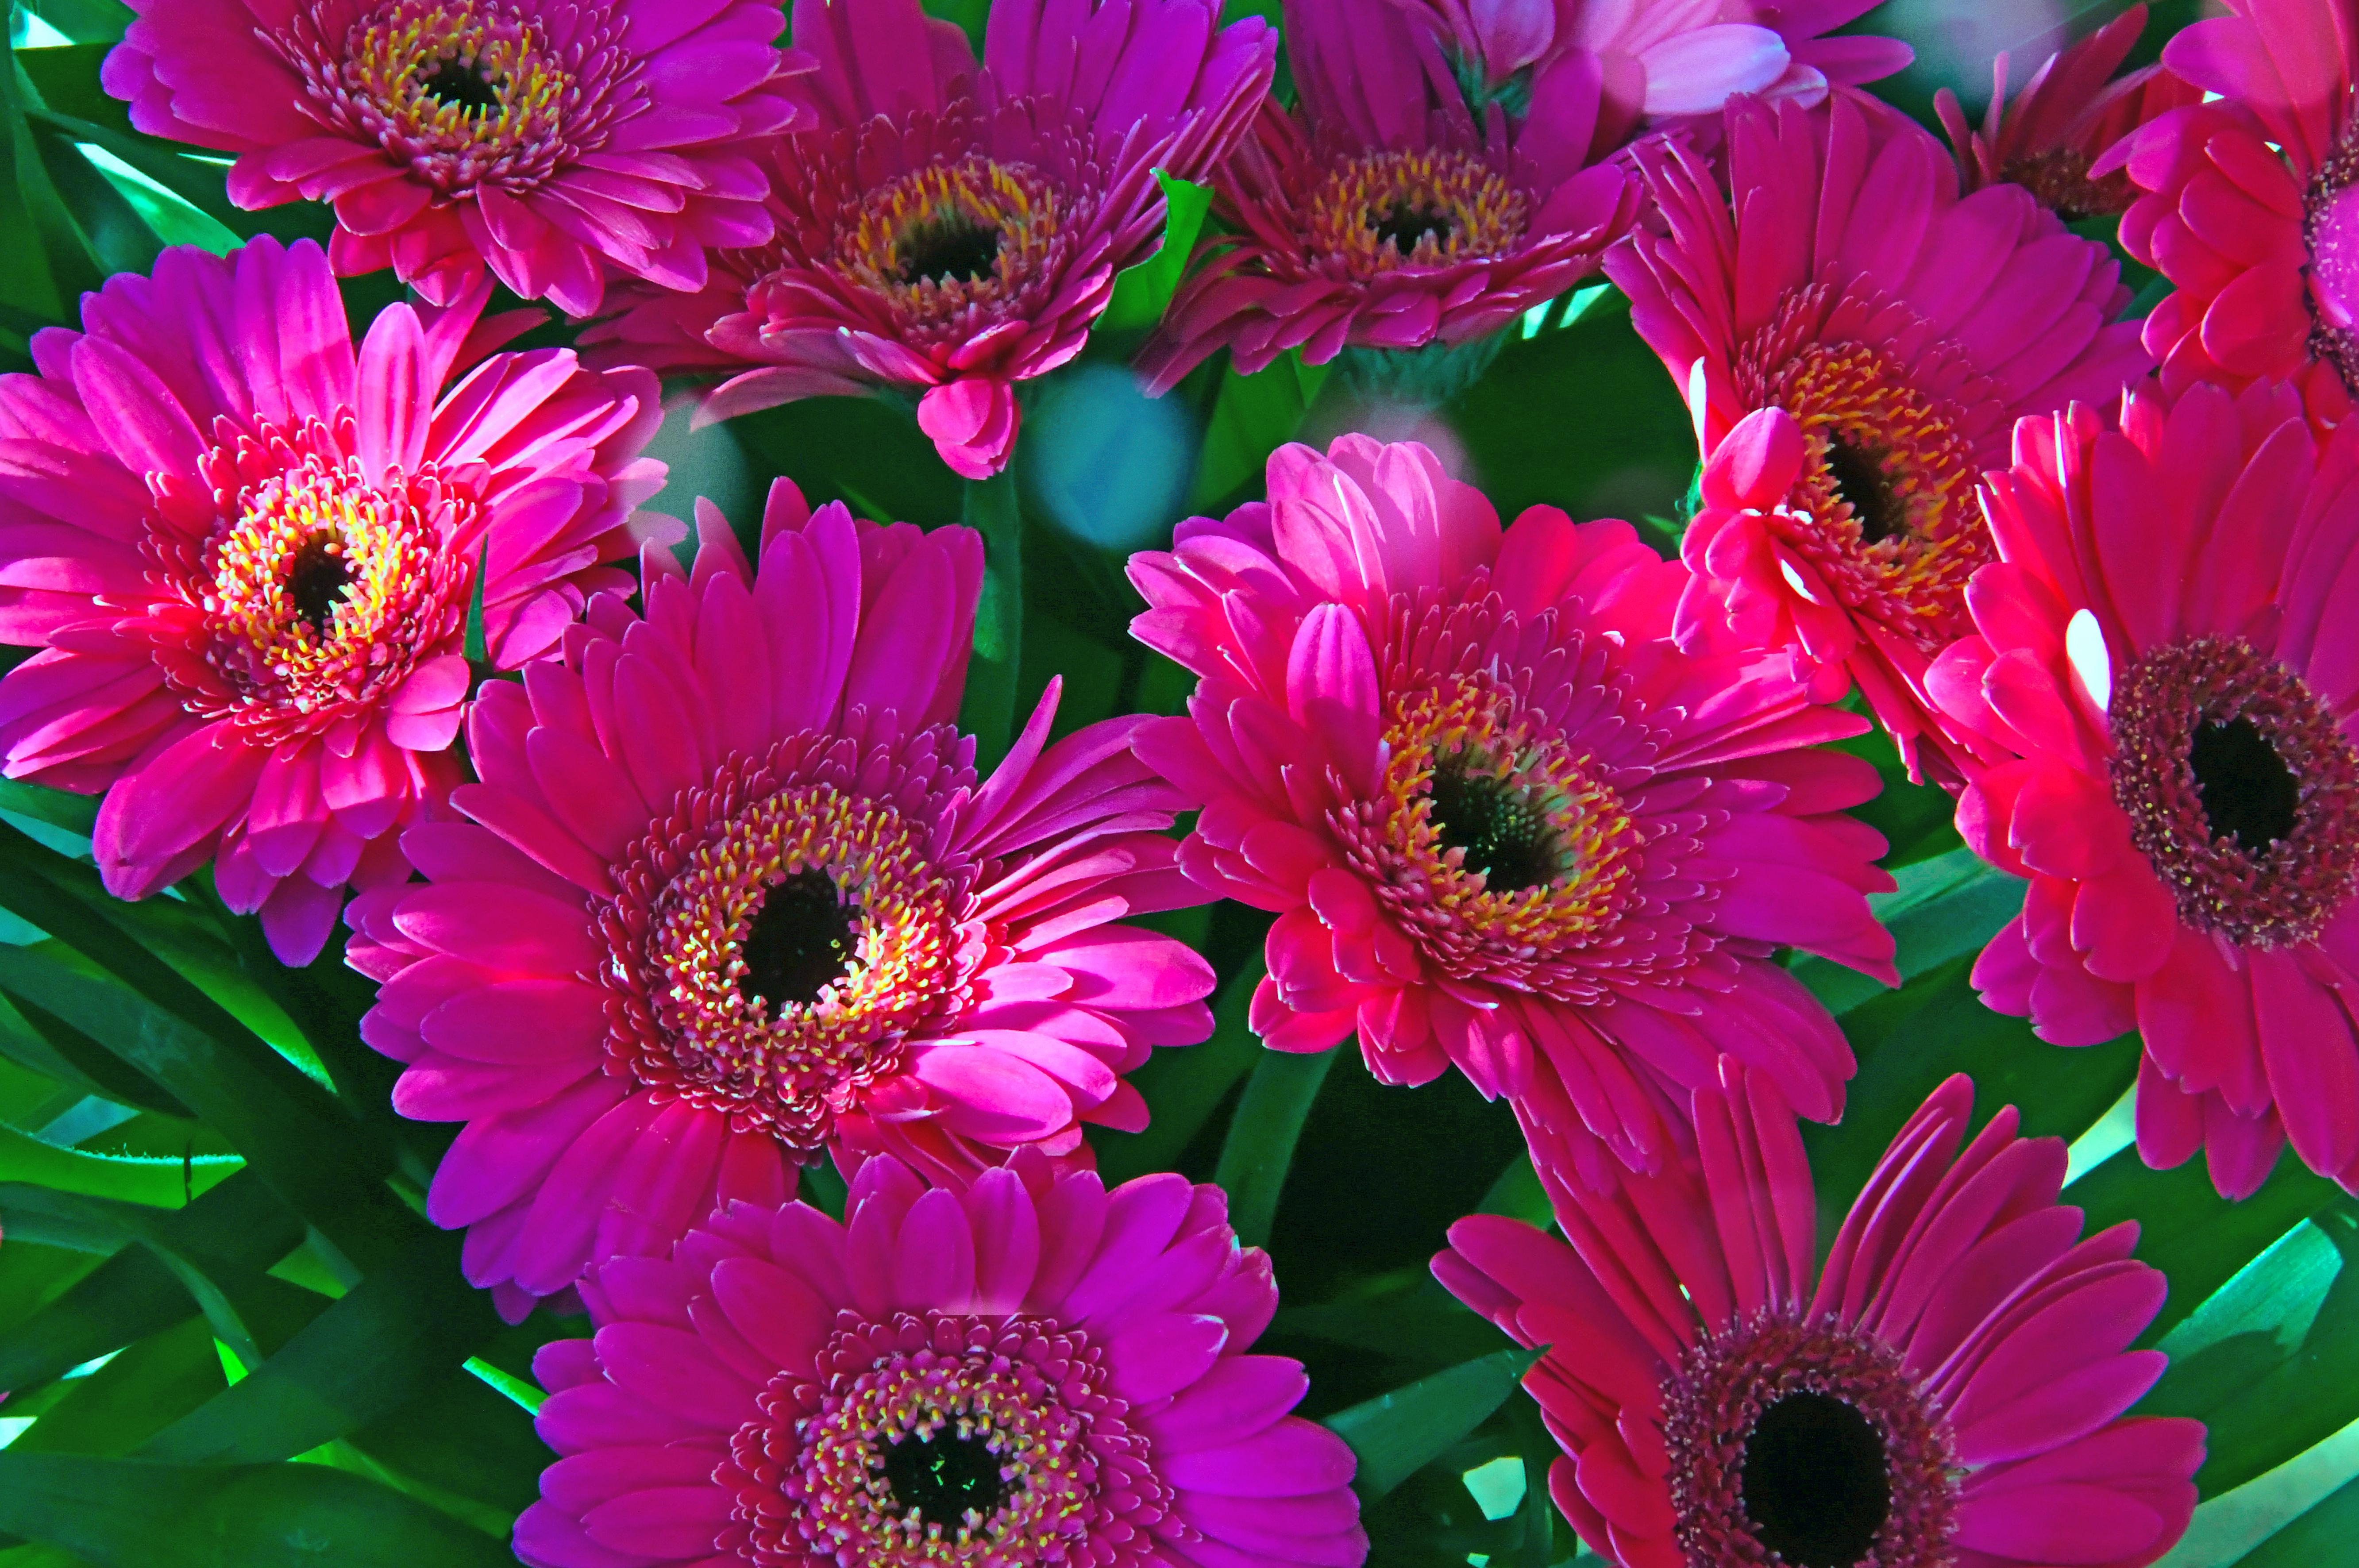 Gambar Berwarna Merah Muda Musim Gugur Latar Belakang Indah Bunga Aster Alam Keindahan Hijau Warna Warni Menanam Mekar Bunga Bunga Warna Musim Panas Merapatkan Putih Segar Terang Flora Daun Bunga Makro Ungu Tanaman